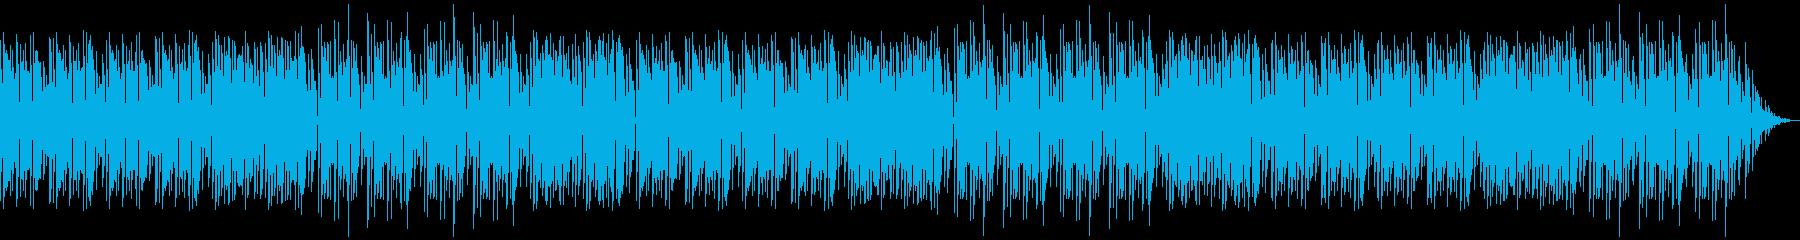 ほのぼのBGM!スロー(ピアノのみ)の再生済みの波形